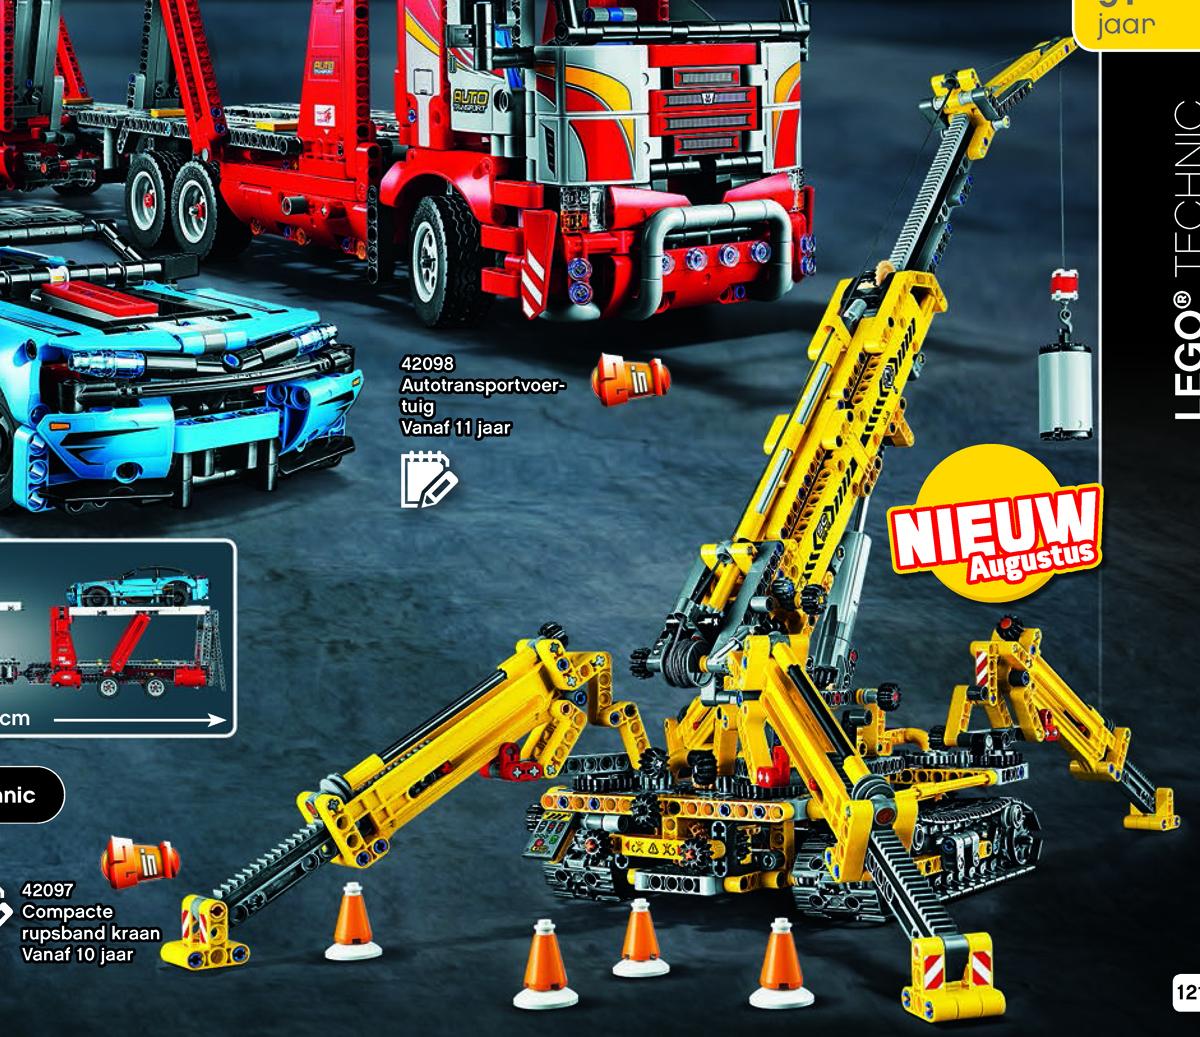 New Lego Technic Sets 2019 New 2019 LEGO Technic Sets Revealed